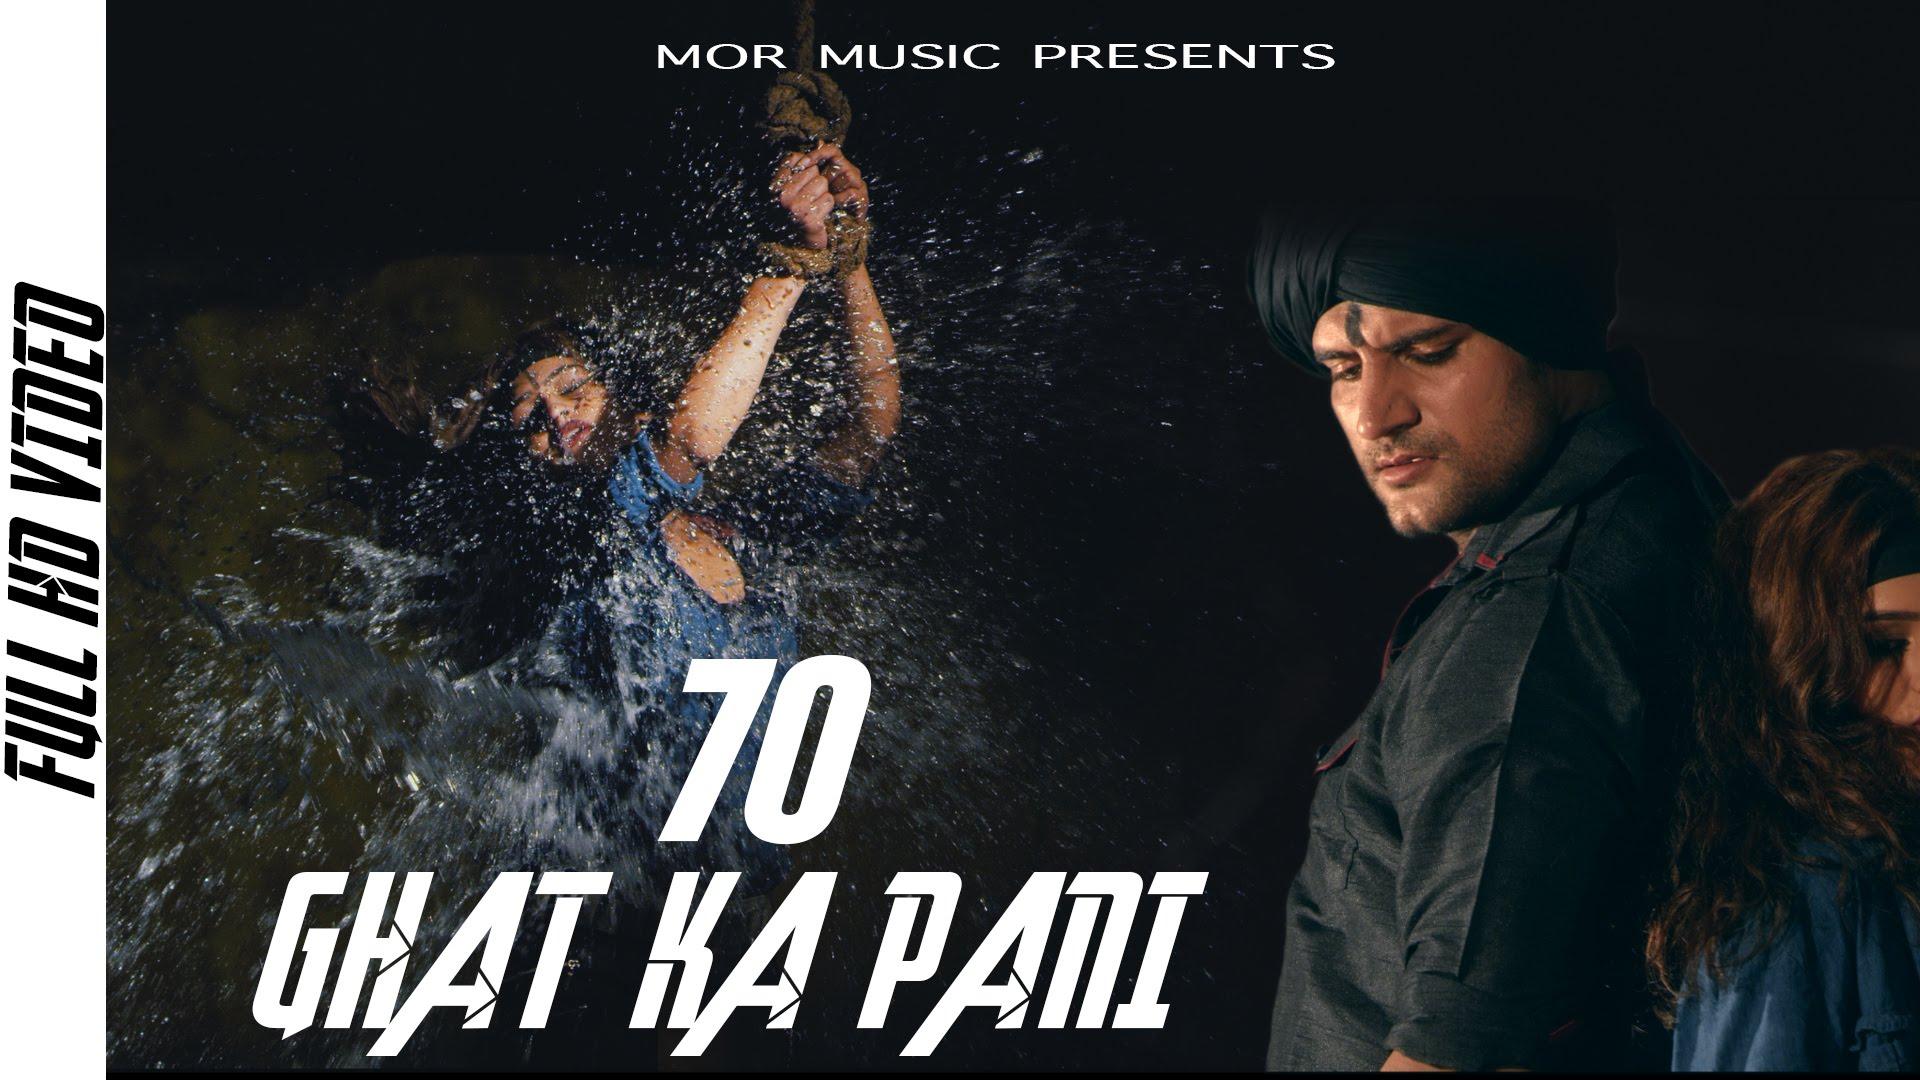 70 Ghat Ka Pani Song By Ajay Hooda & Anu Kadyan